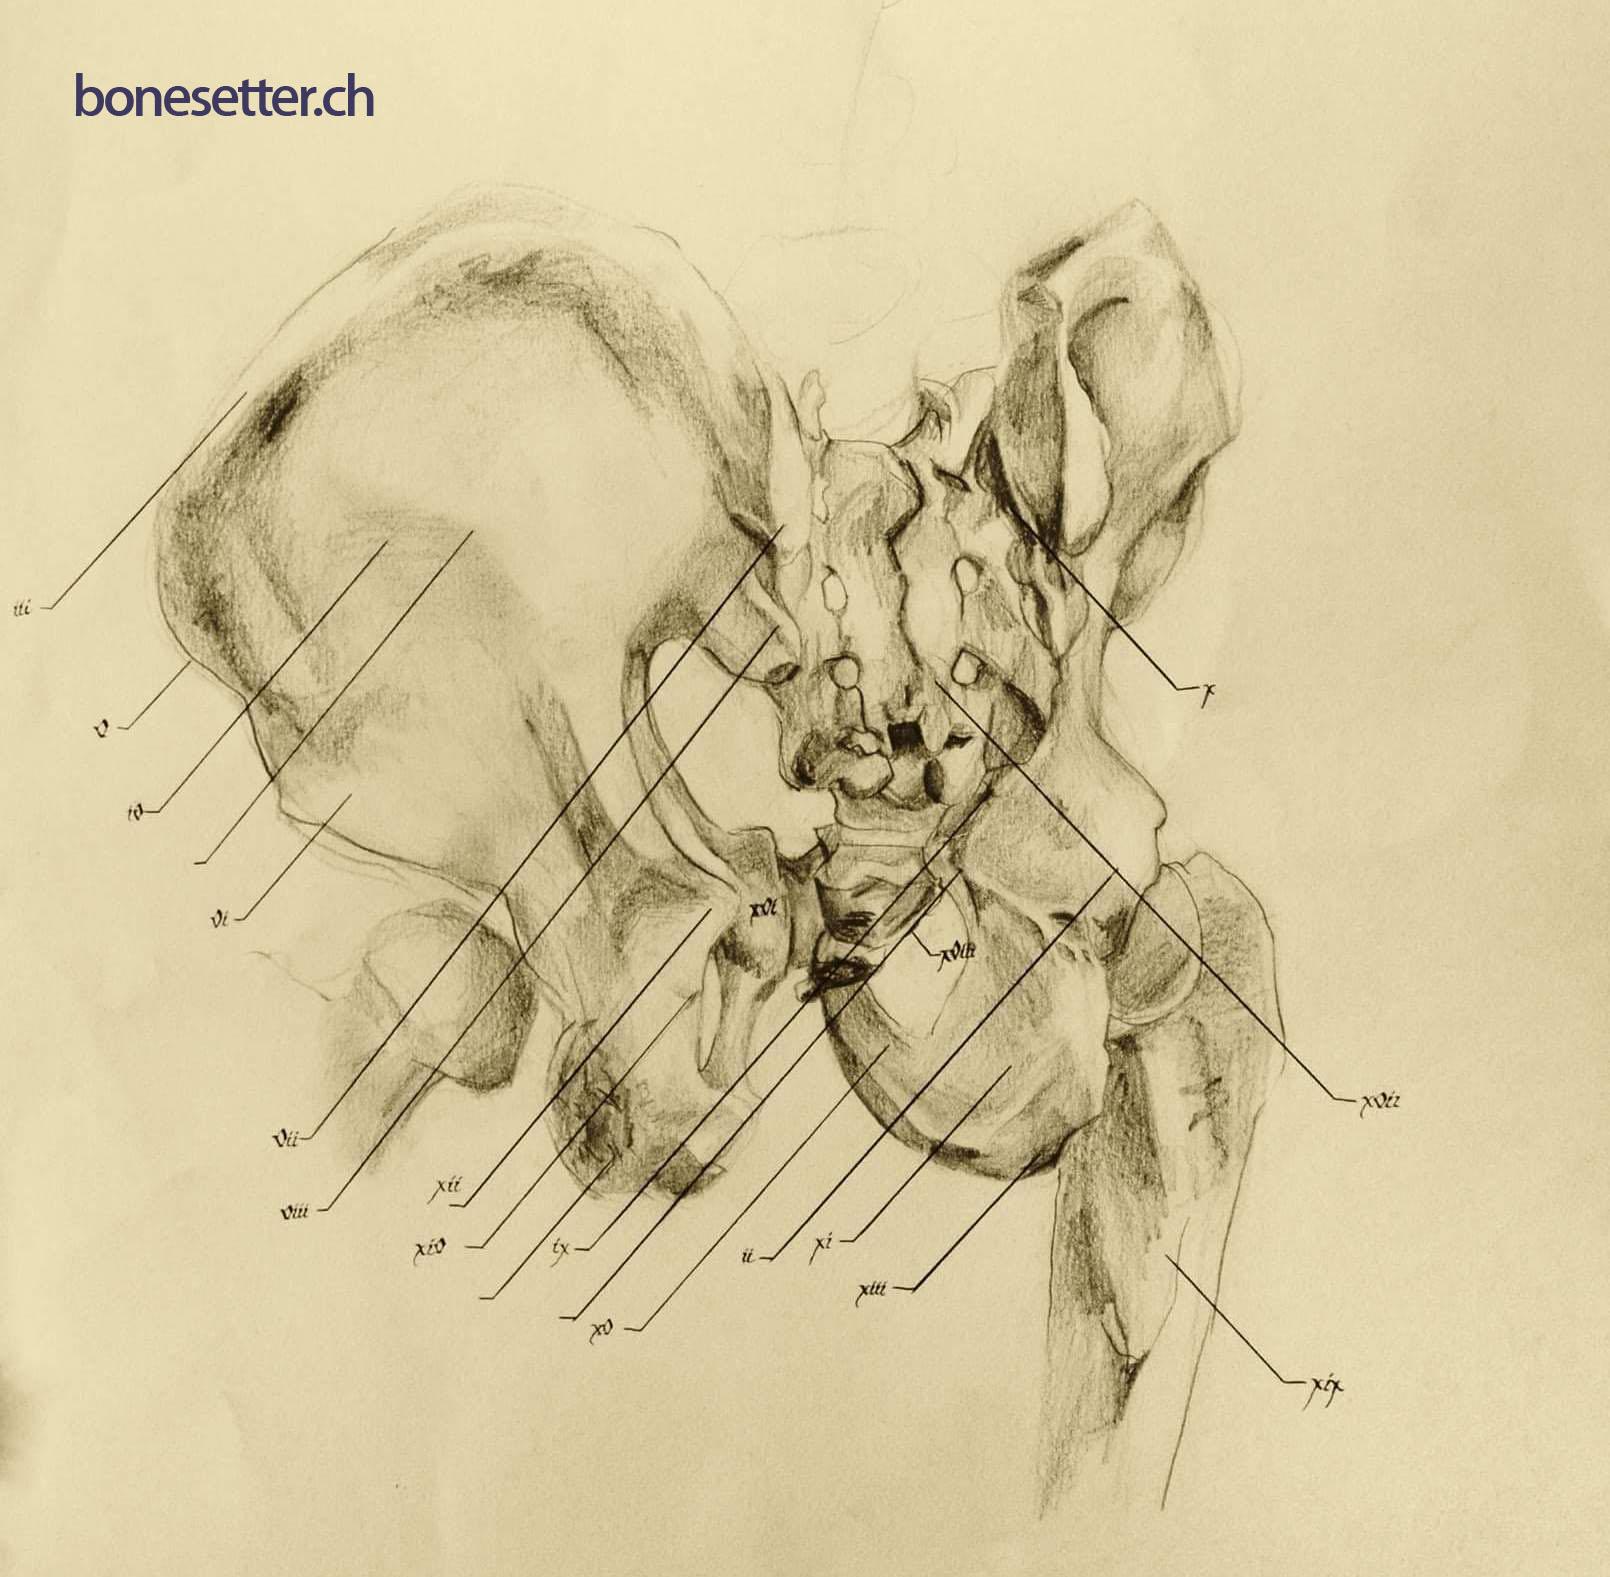 bonesetter_Back1